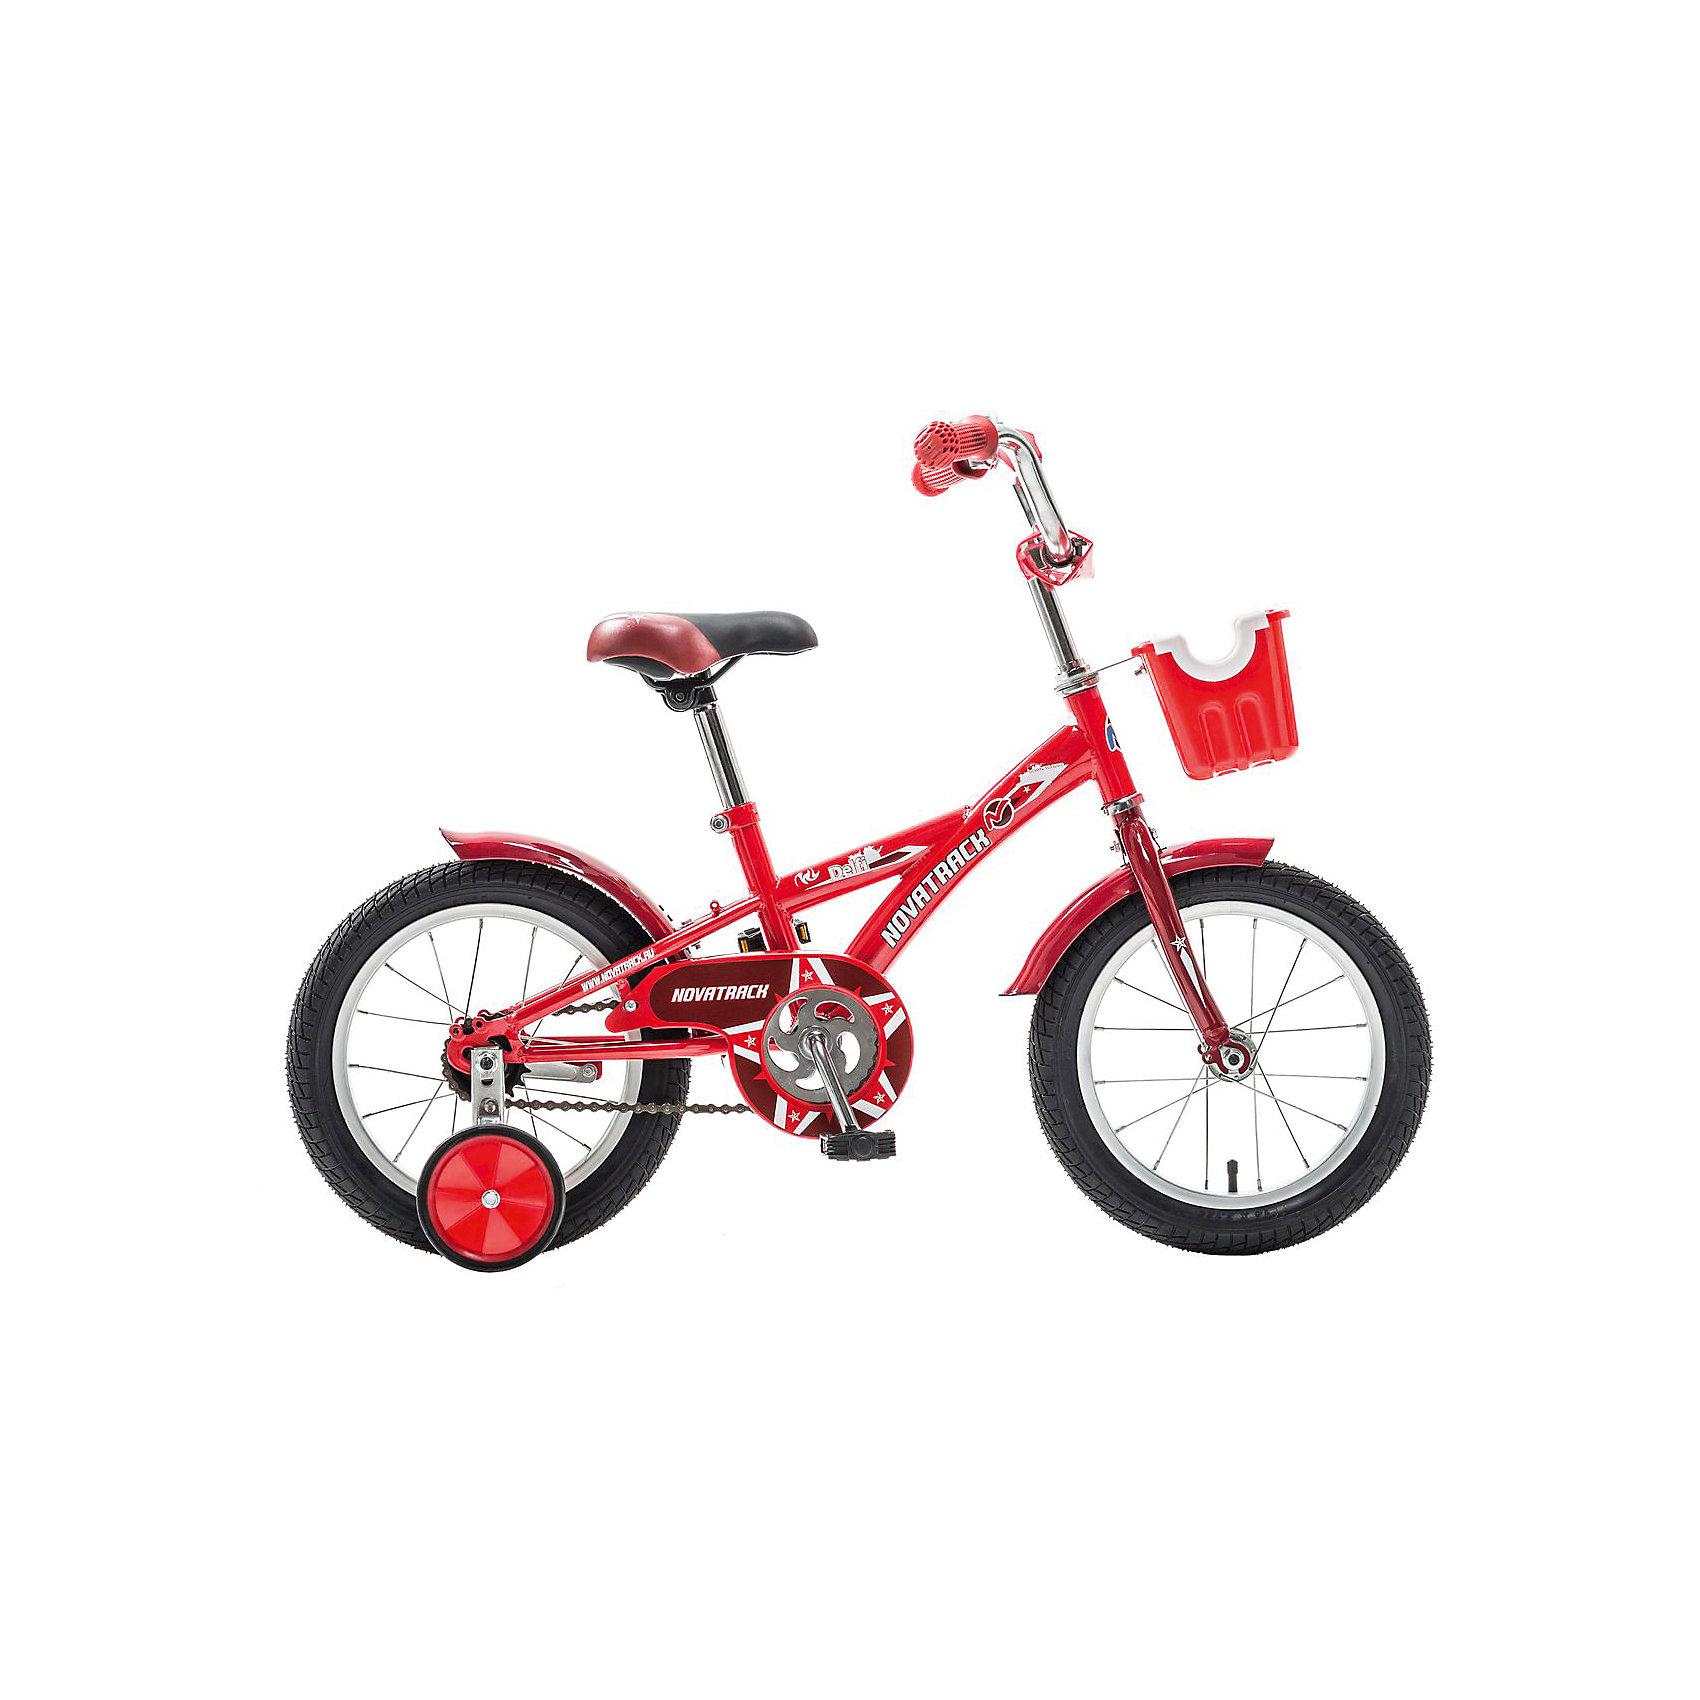 Велосипед Delfi, красно-бордовый, 14 дюймов, NovatrackВелосипеды детские<br>Велосипед Novatrack Delfi c 14-дюймовыми колесами – это надежный велосипед для ребят от 3 до 5 лет. Привлекательный дизайн, надежная сборка, легкость и отличная управляемость – это еще не все плюсы данной модели. Велосипед Delfi снабжен ограничителем поворота руля, который не позволит ребенку слишком сильно вывернуть переднее колесо велосипеда, и тем самым предотвратит падения. Цепь закрыта декоративной накладкой, которая защитит одежду и ноги ребенка от попадания в механизм. Данная модель специально разработана для легкого обучения езде на велосипеде. Низкая рама позволит ребенку быстро взбираться и слезать с велосипеда. Колеса закрыты крыльями, которые защитят ребенка от брызг, а на руле располагается вместительная корзинка для перевозки самых необходимых в дороге предметов.<br><br>Велосипед Delfi, красно-бордовый, 14 дюймов, Novatrack можно купить в нашем интернет-магазине.<br><br>Ширина мм: 810<br>Глубина мм: 185<br>Высота мм: 410<br>Вес г: 11000<br>Возраст от месяцев: 48<br>Возраст до месяцев: 72<br>Пол: Унисекс<br>Возраст: Детский<br>SKU: 5613203